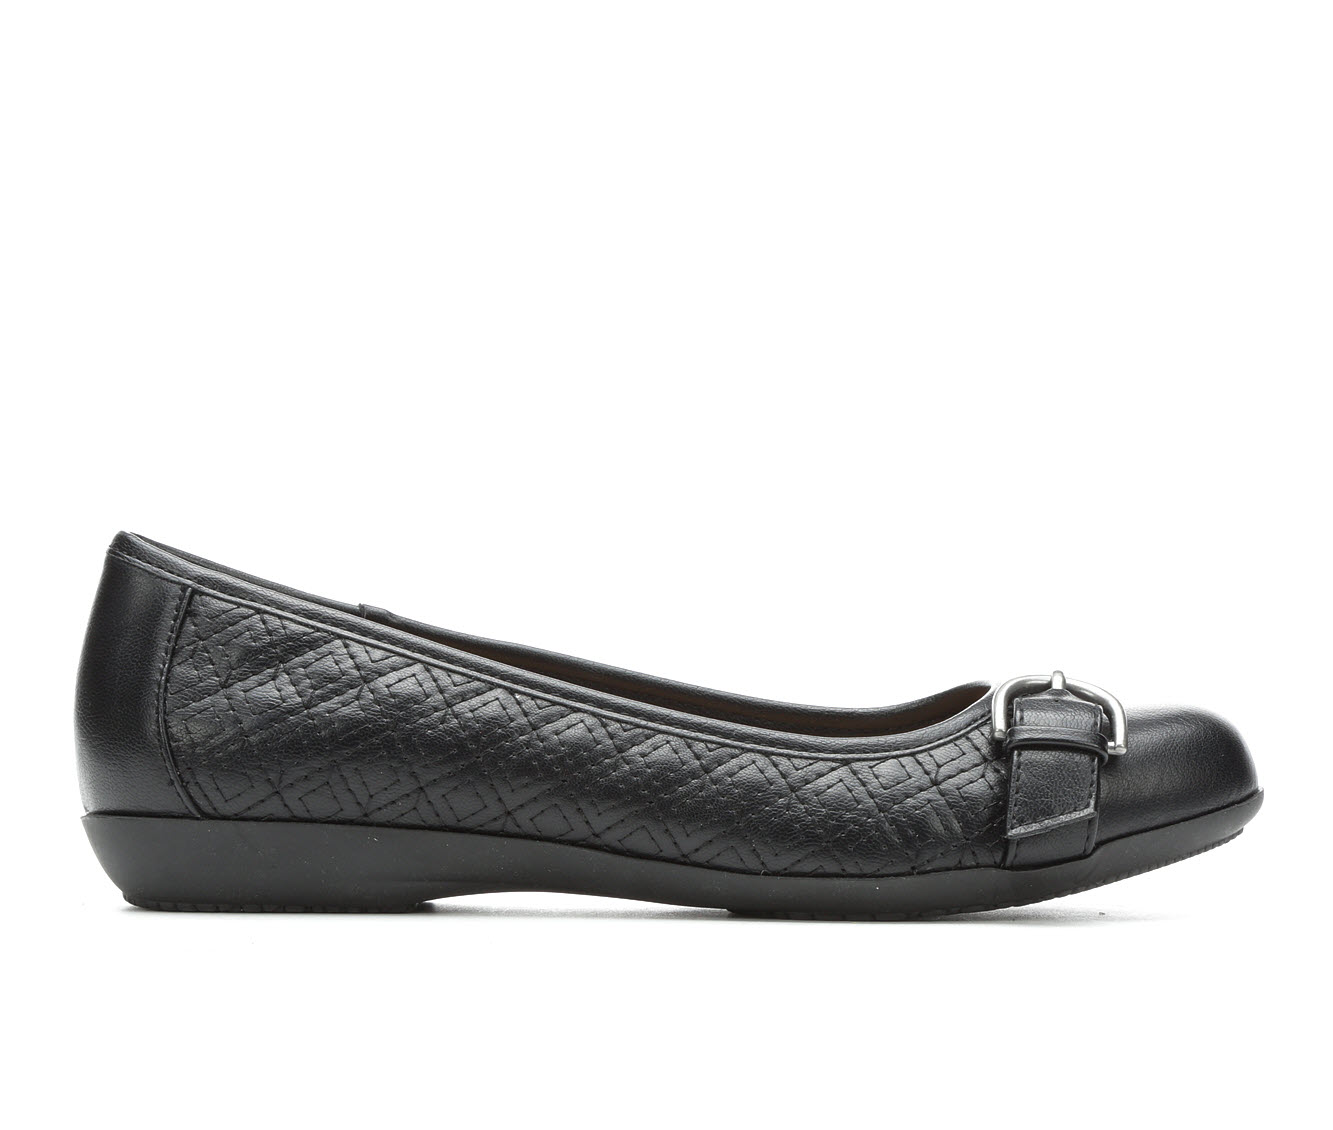 Solanz Chelsea Women's Shoe (Black Faux Leather)